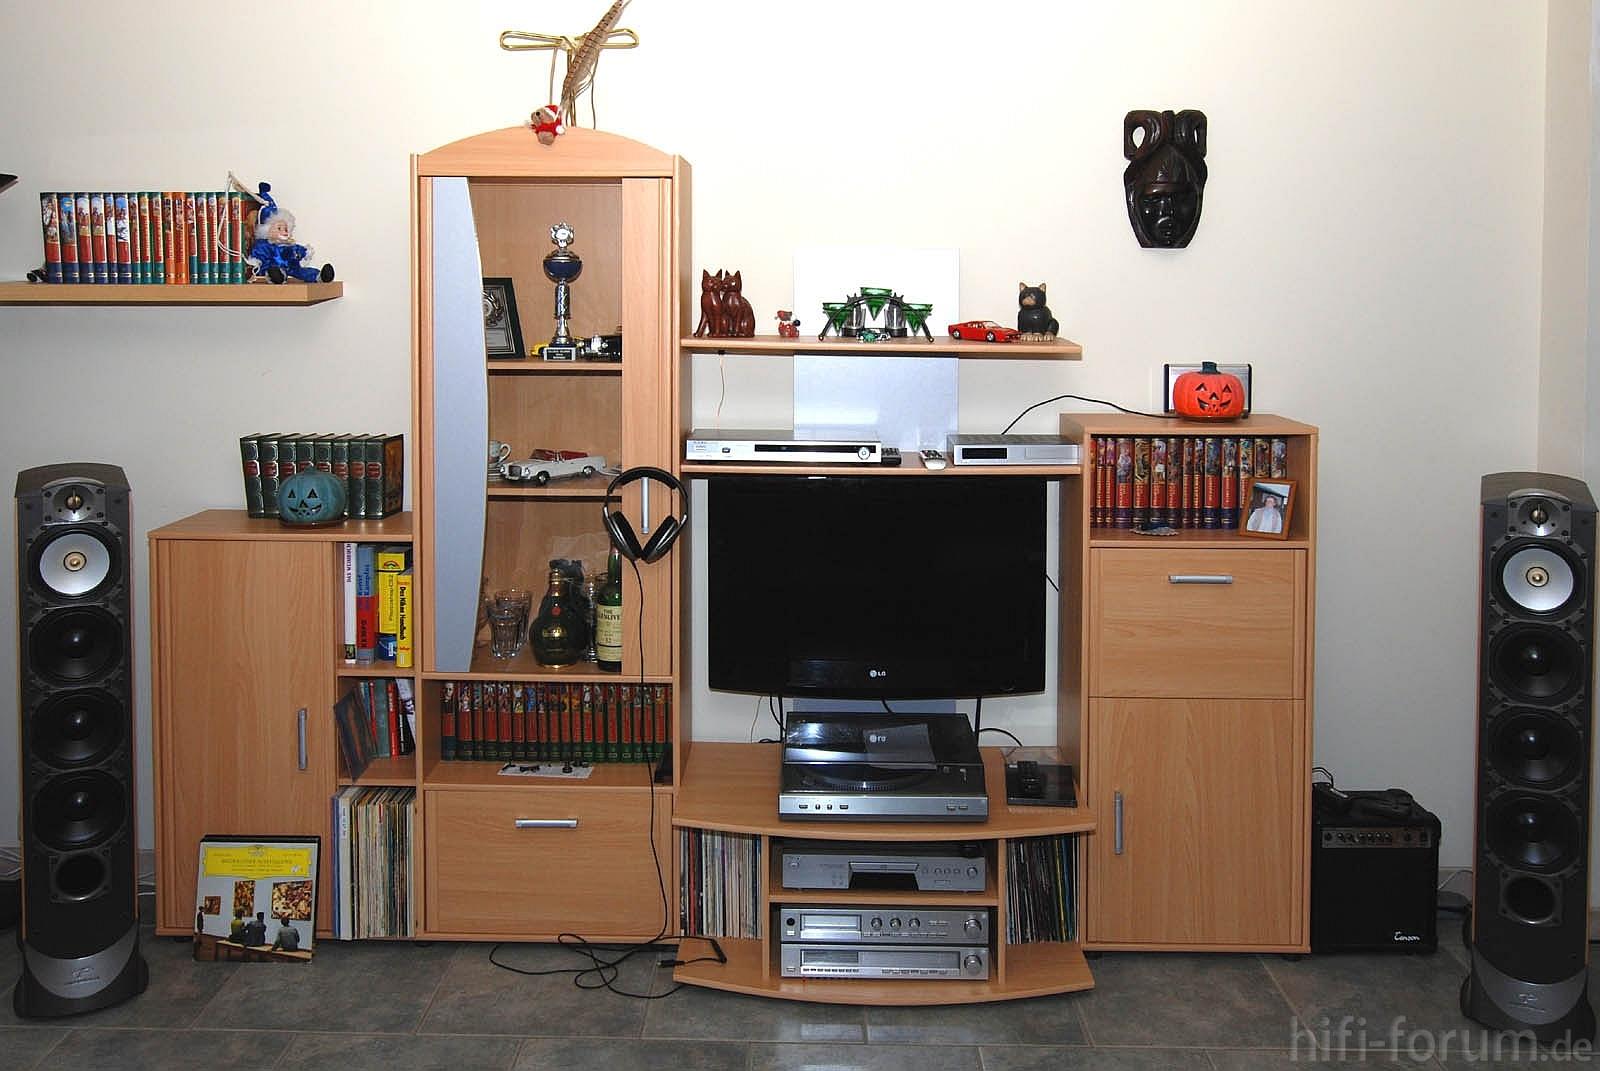 anlage wohnzimmer anlage hifianlage hifiklassiker stereo wohnzimmer hifi. Black Bedroom Furniture Sets. Home Design Ideas